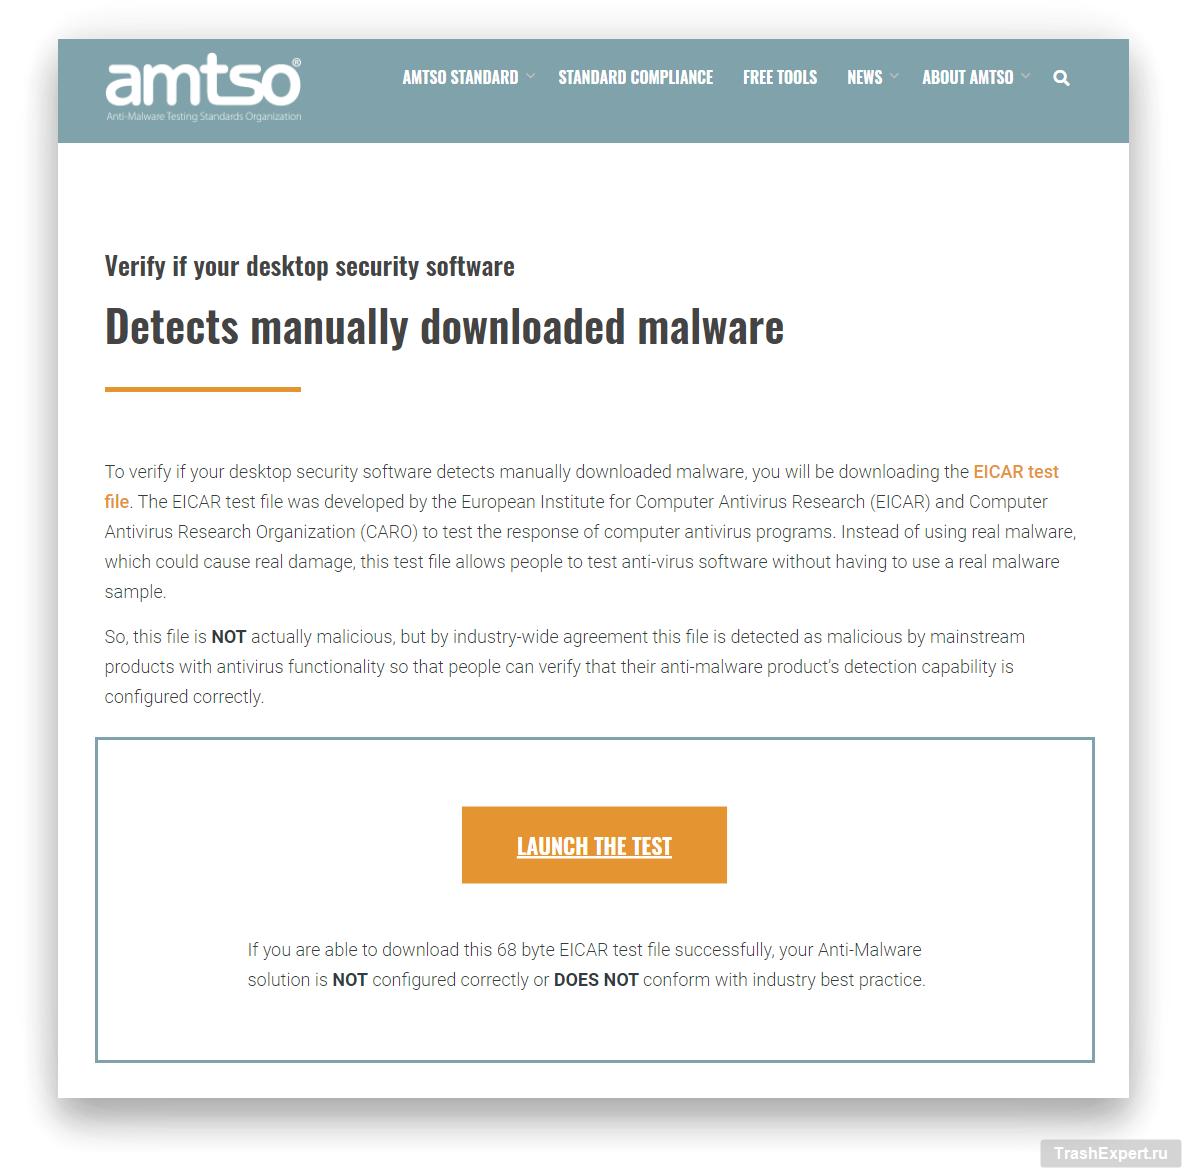 amtso.org